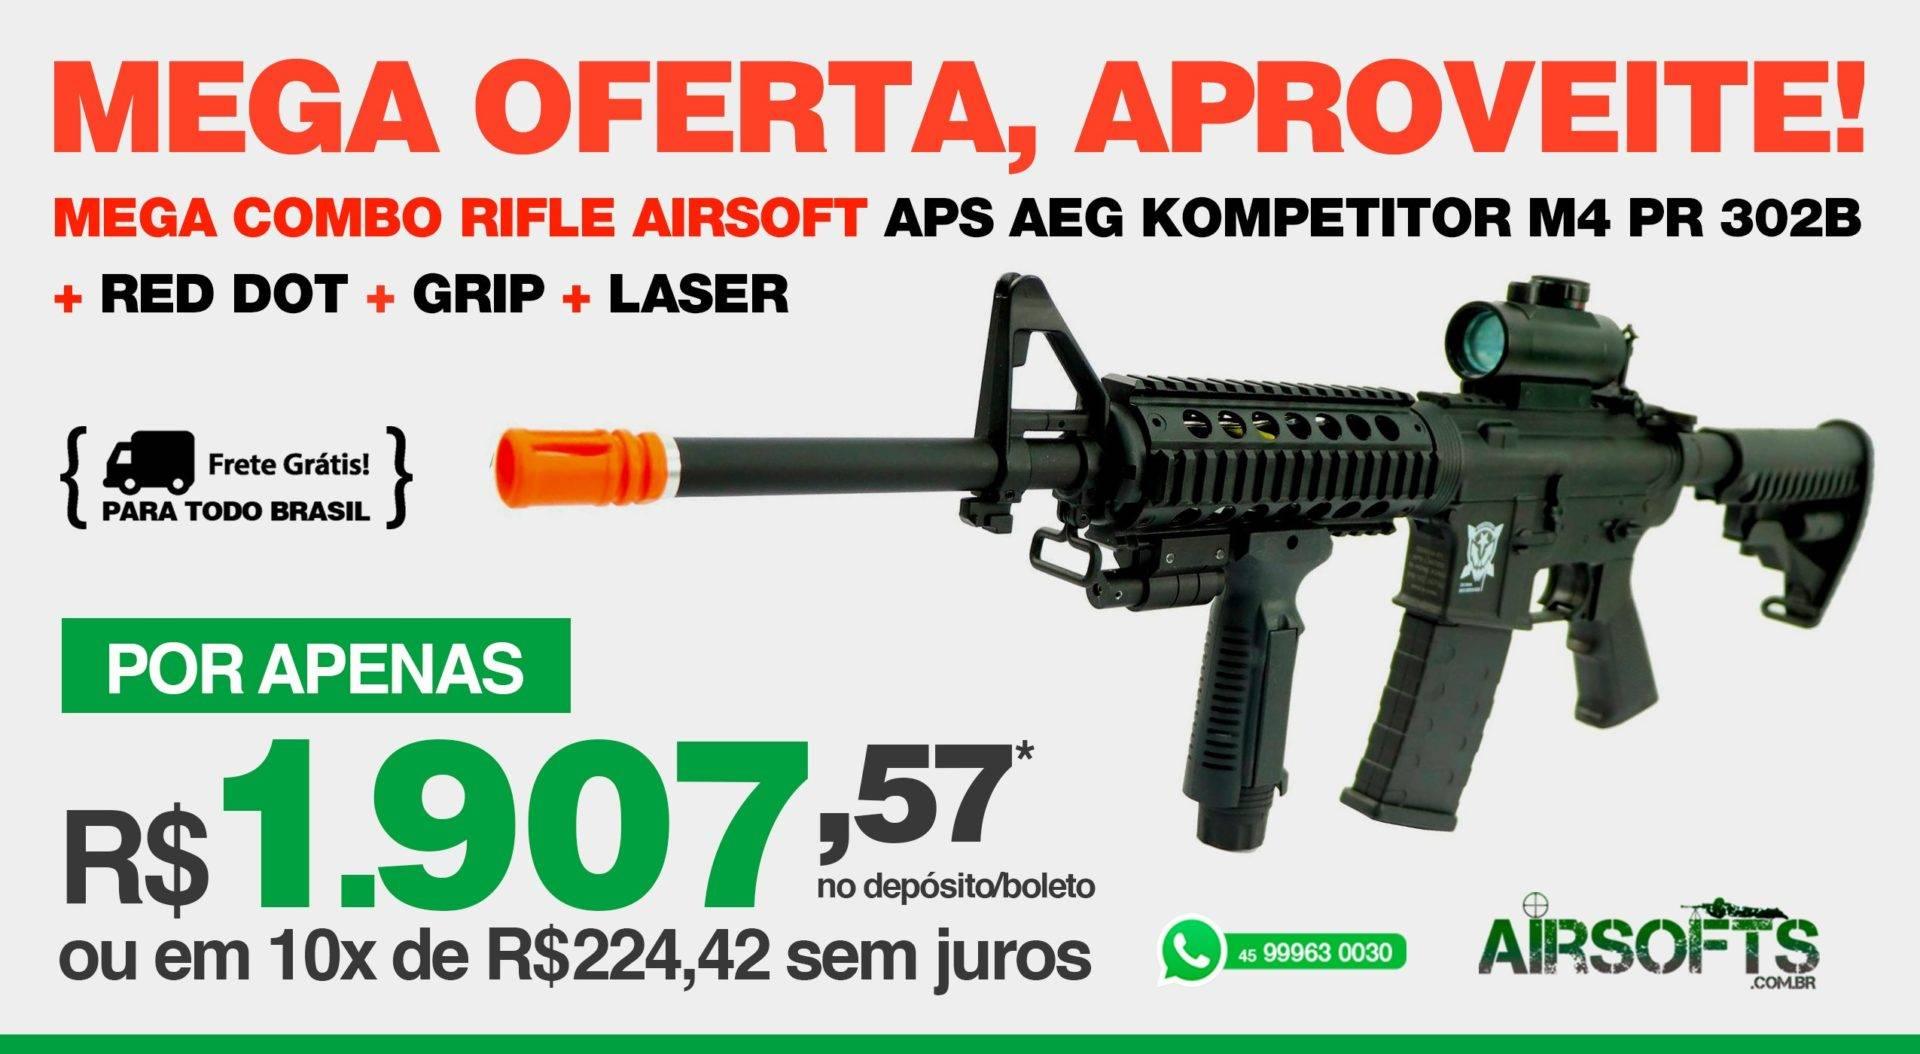 6410eb31699b4 Airsoft   Airsofts - Armas, Munição e Acessórios   Airsofts Brasil